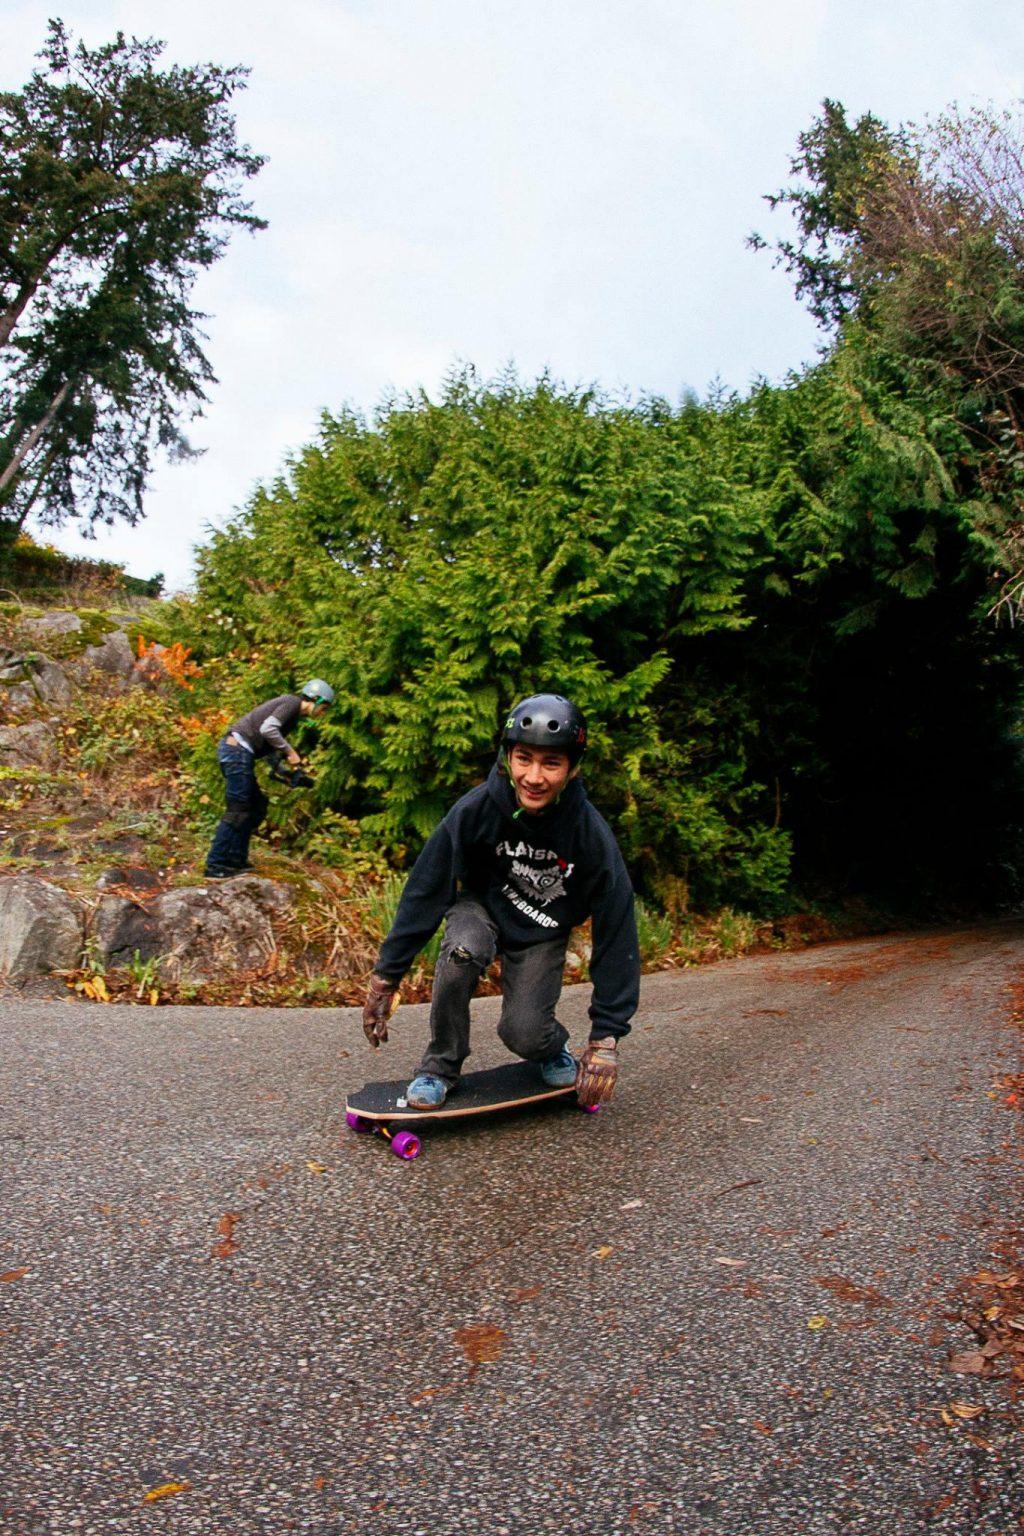 34-sam-galus-flatspot-longboards-valhalla-skateboards-higway-jam-highwayjamx-sho-ouellette-sho-stopper-longboarding